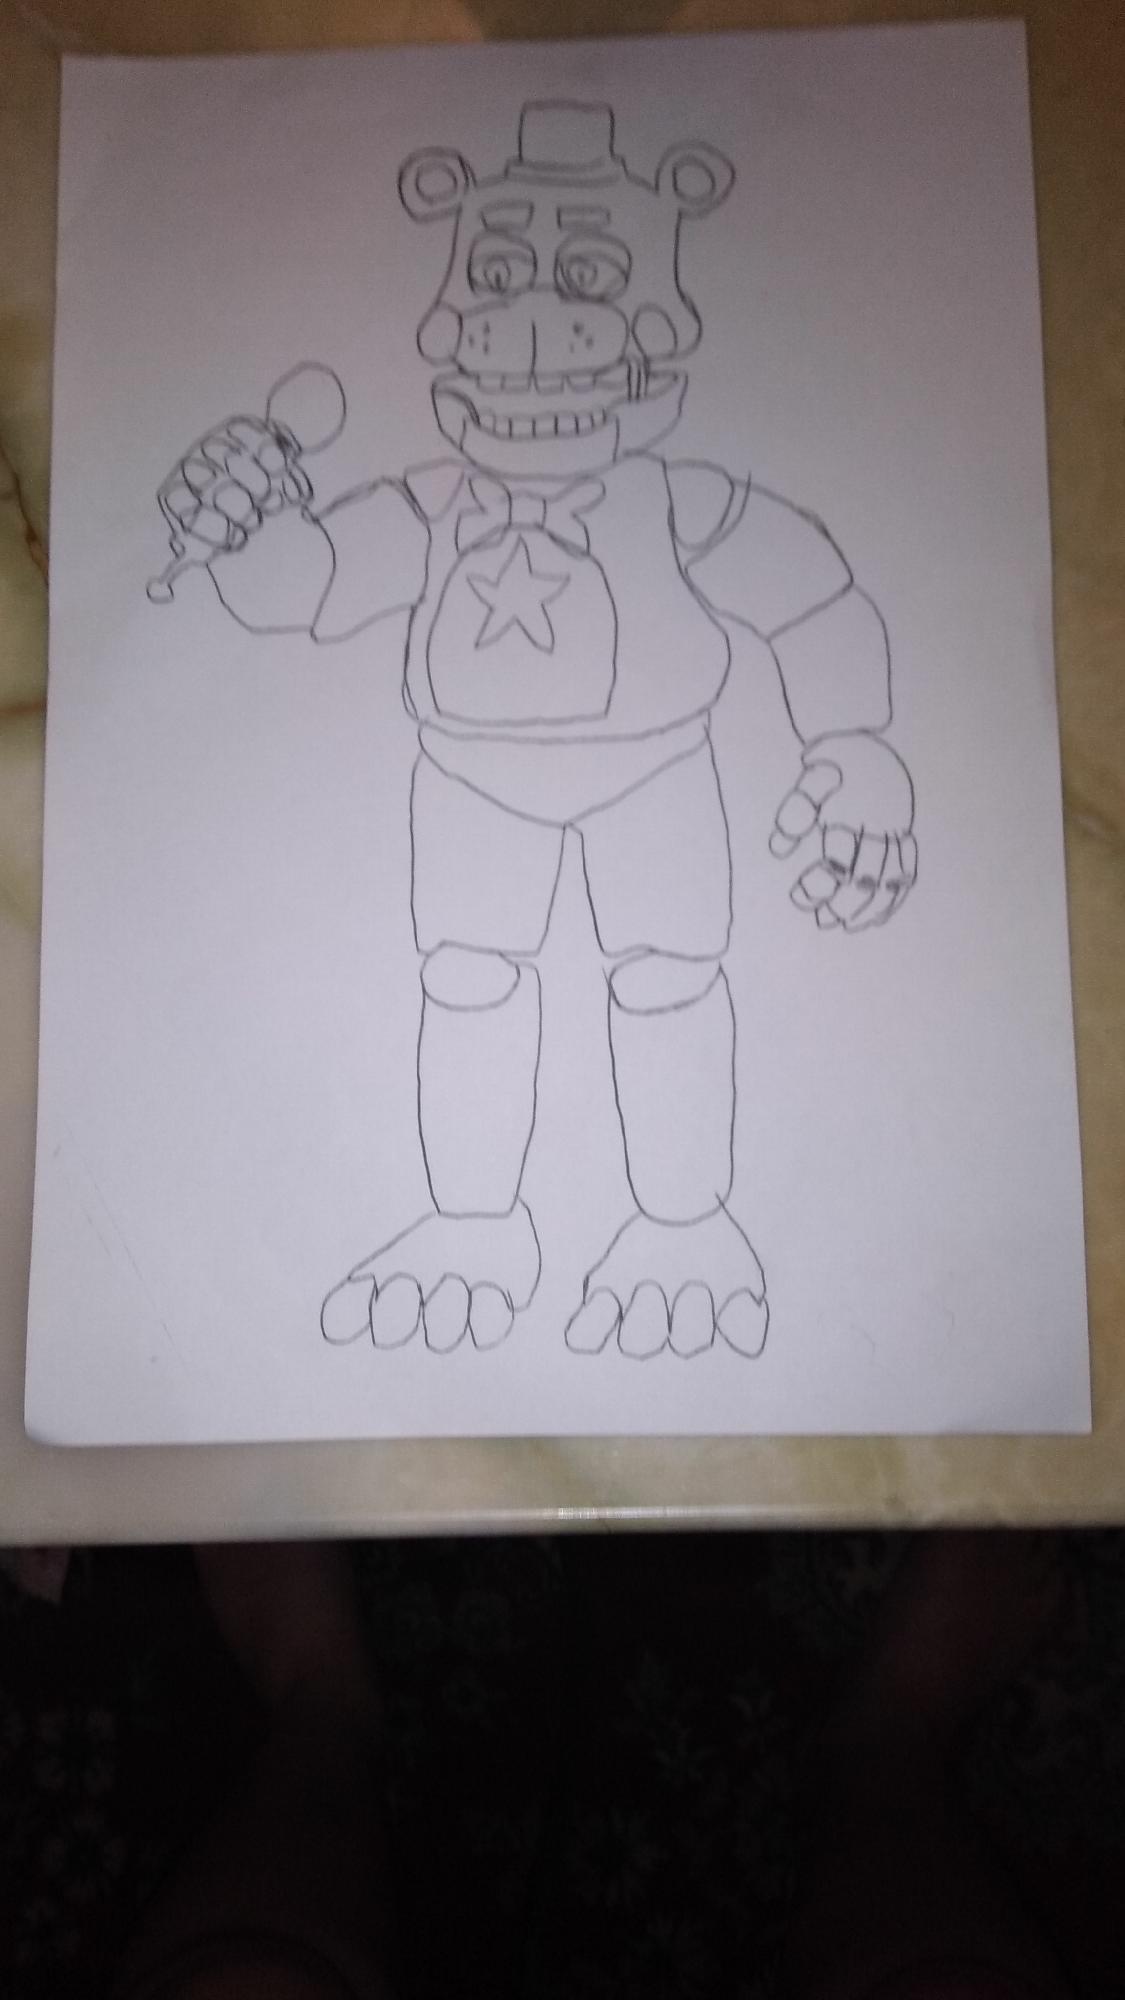 R.Freddy